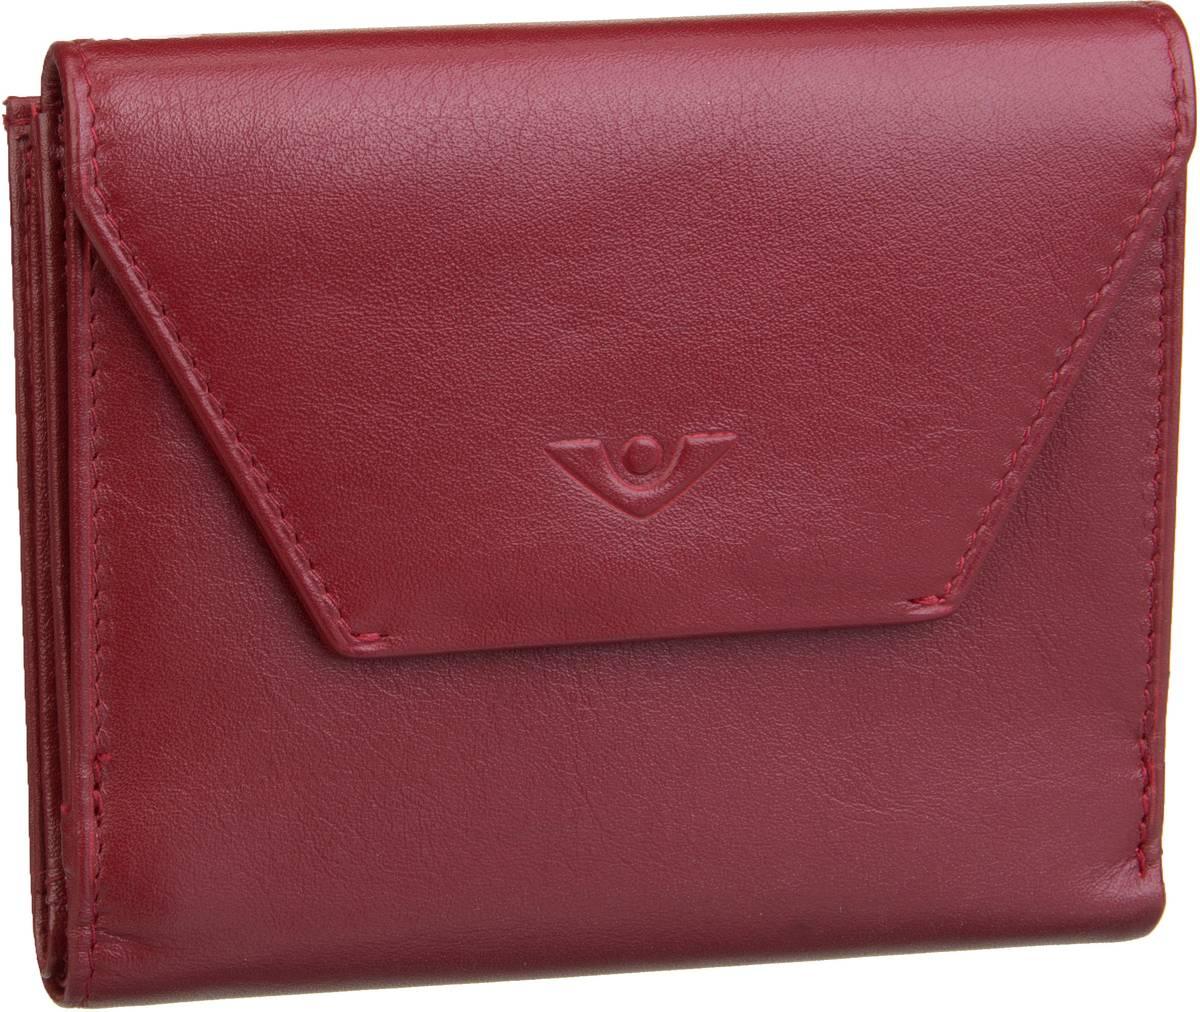 Geldboersen für Frauen - Voi Geldbörse Soft 70007 Börse Granat  - Onlineshop Taschenkaufhaus